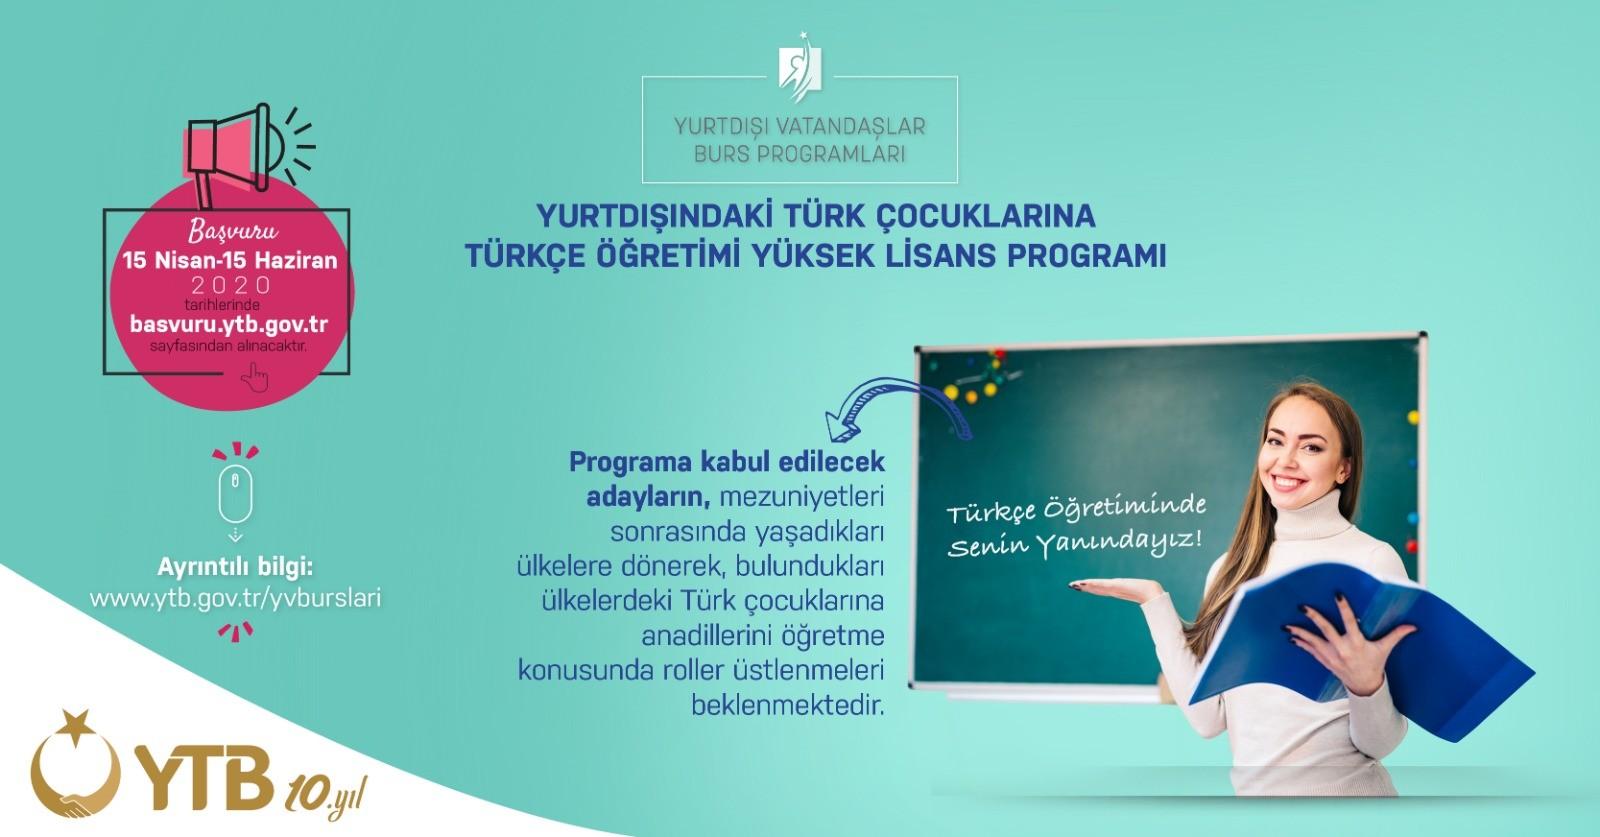 YTB, Türkçe Öğreticileri Yetiştirerek, Tez ve Araştırmaları Destekliyor